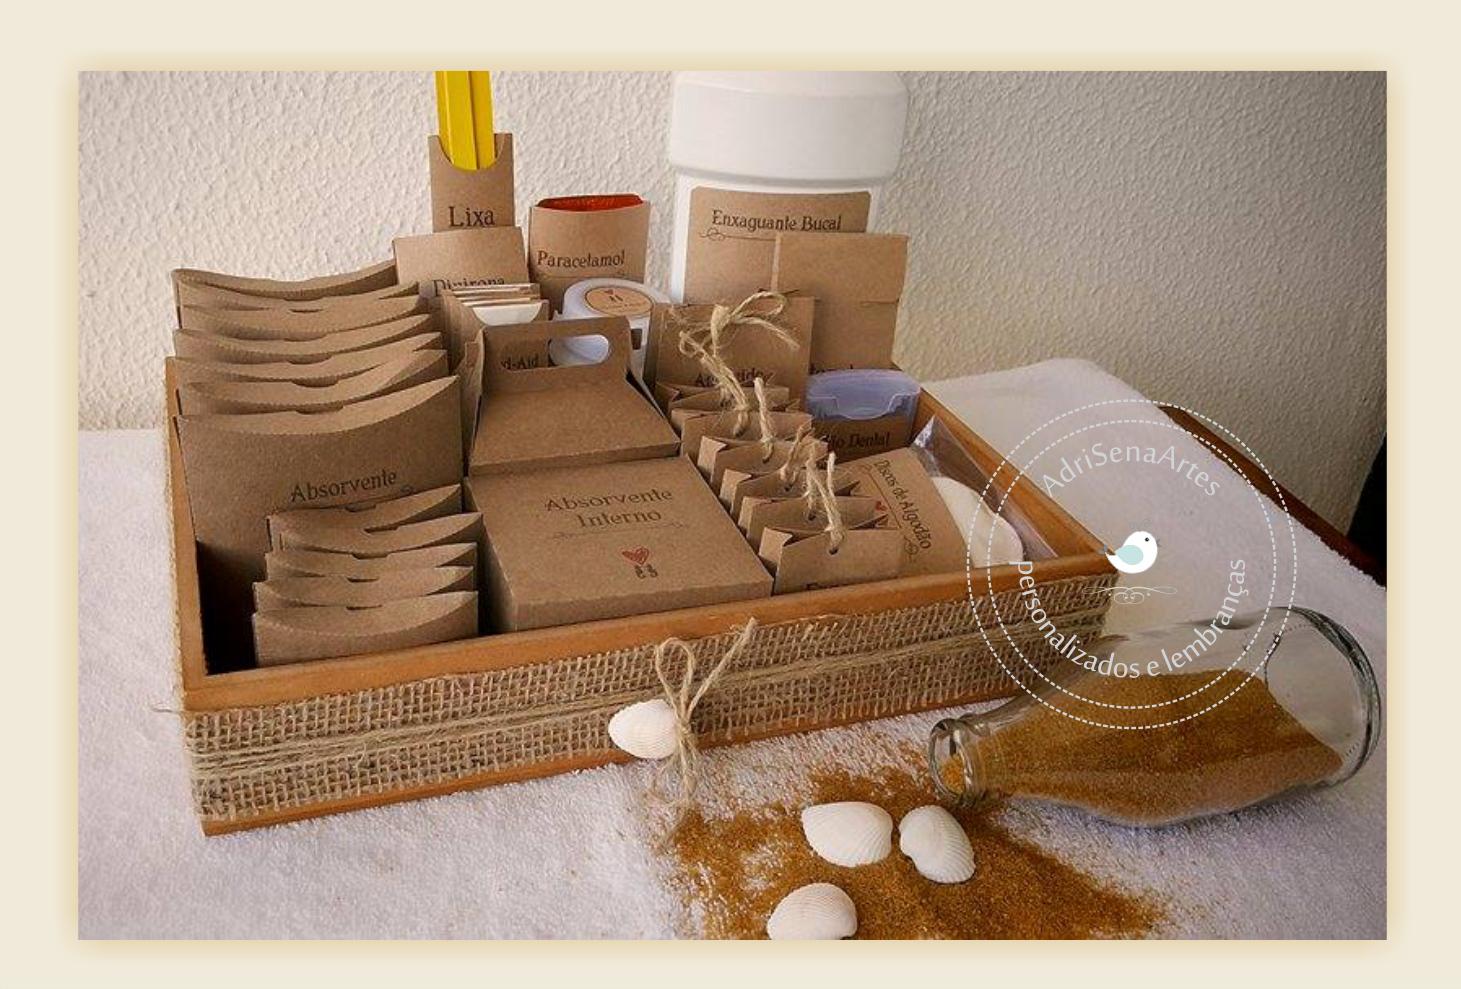 Kit Toalete Casamento Brasilia : Adri sena artes mais itens casamento praiano kit